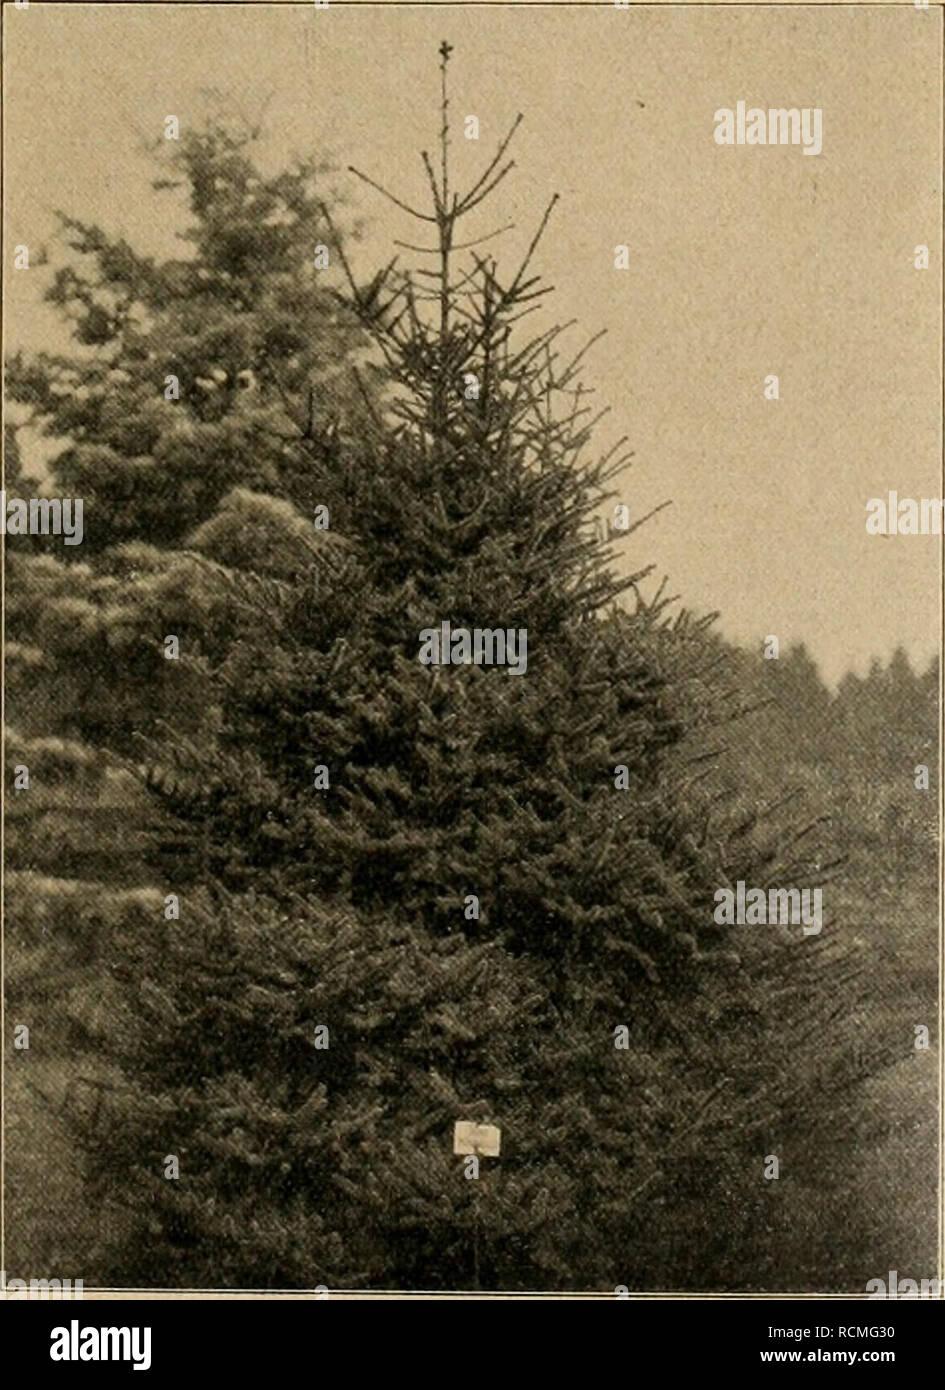 . Die Gartenwelt. Gardening. XVIII, 27 Die Gart nwelt. 363 Norden, südlich längs des Kaskadengebirges im Washington- territorium und in Oregon heimisch. Von Douglas im Jahre 1825 auf dem Silberberg in der Nähe des Fort Hope am Fraser- fluß entdeckt und 1831 in Europa eingeführt. Eine seltene Abies, die häufig mit Abies magnifica Murr, verwechselt wird. Der Baum wird in der Heimat 50—60 m hoch, bei 1,30 m Stammdurchmesser. Gleich vom Boden aus beästet (vergl. die auf der Abbildung der Titelseite erkenntliche Schleppe) bildet diese Abies einen ebenmäßig gebauten Kegel mit üppiger, dunkelgrüner B - Stock Image